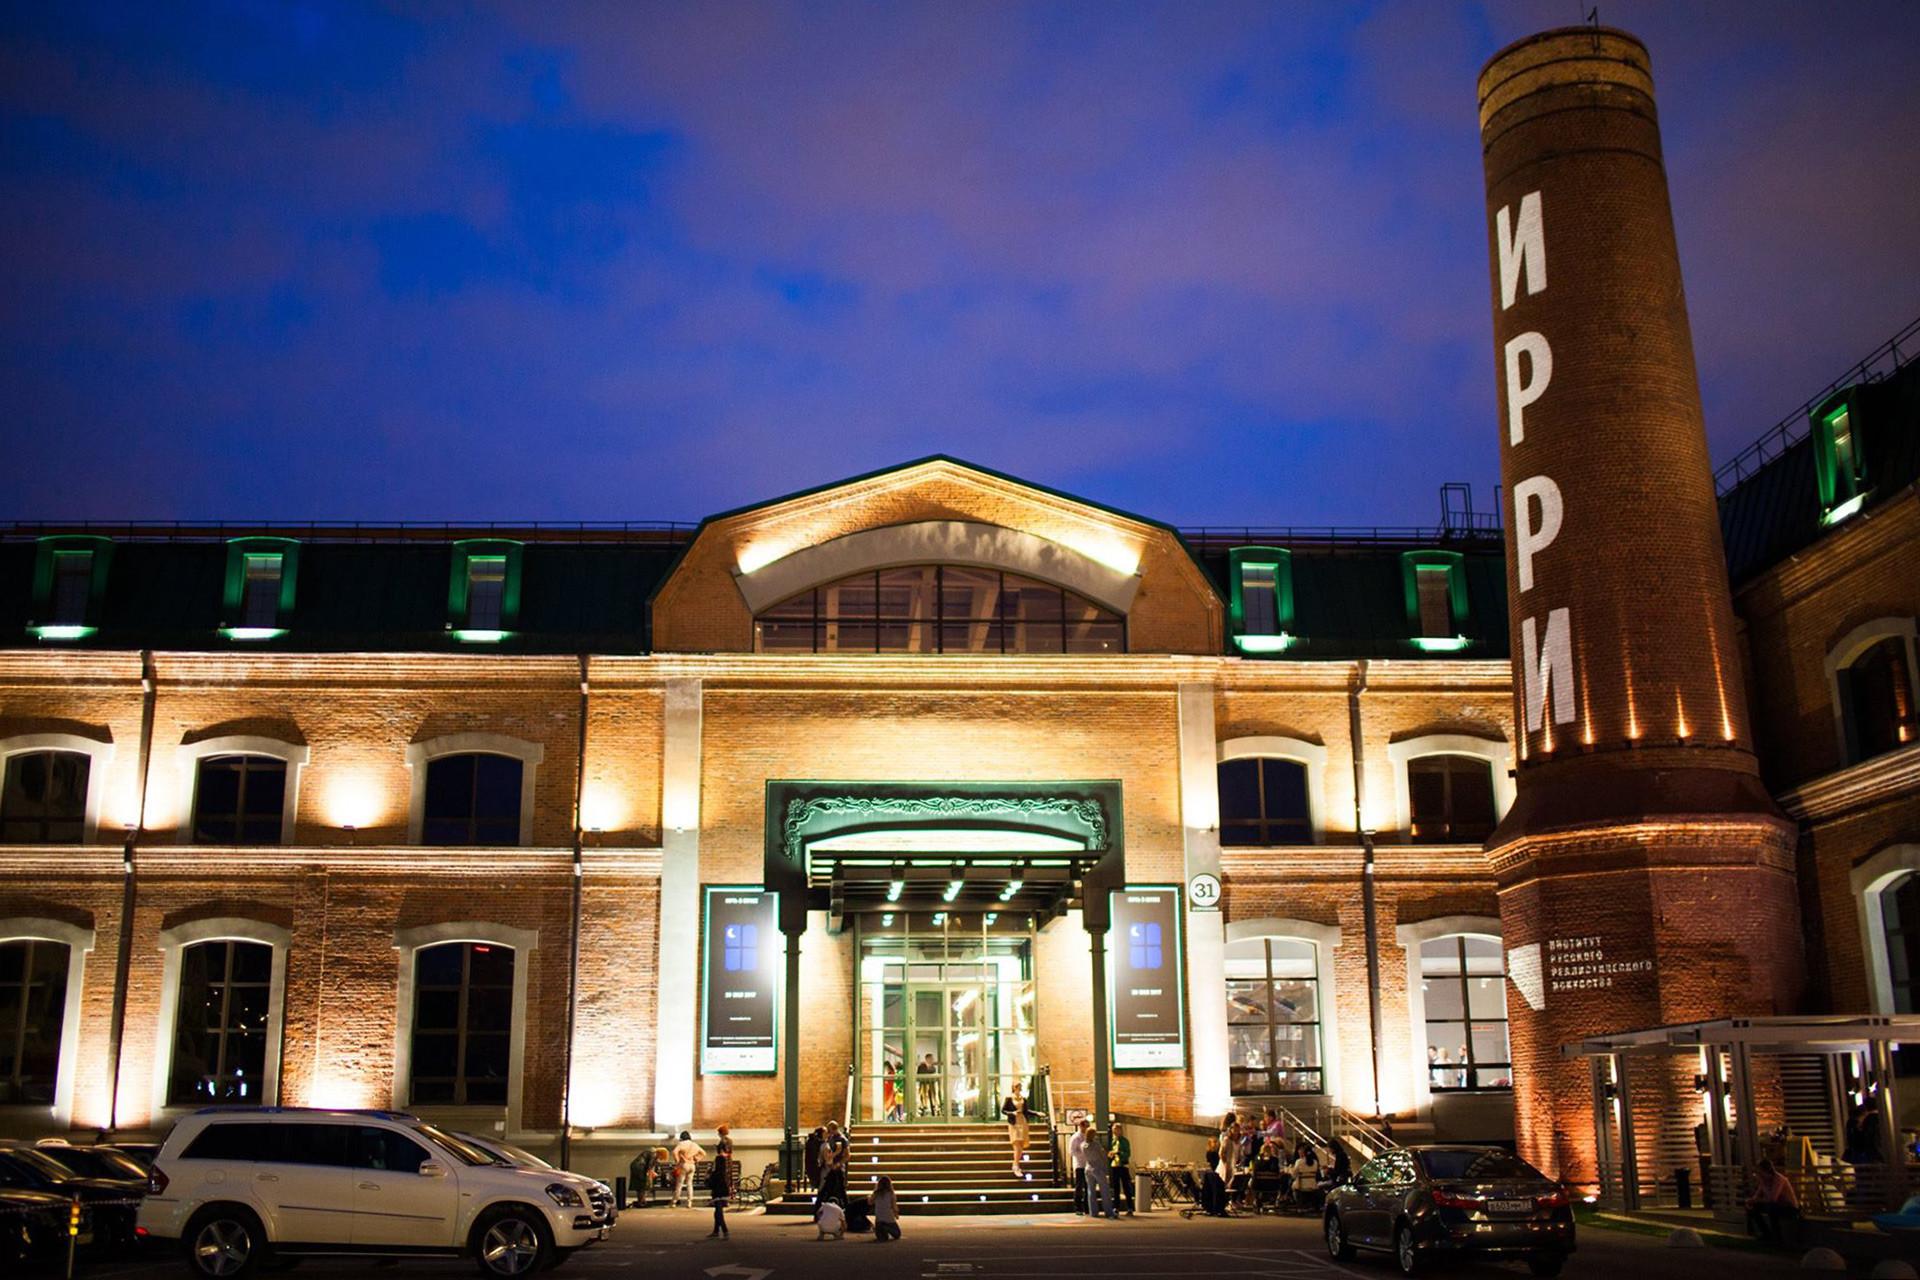 Instituto de Arte Realista Russa fica instalado em prédio industrial do início do século 20.